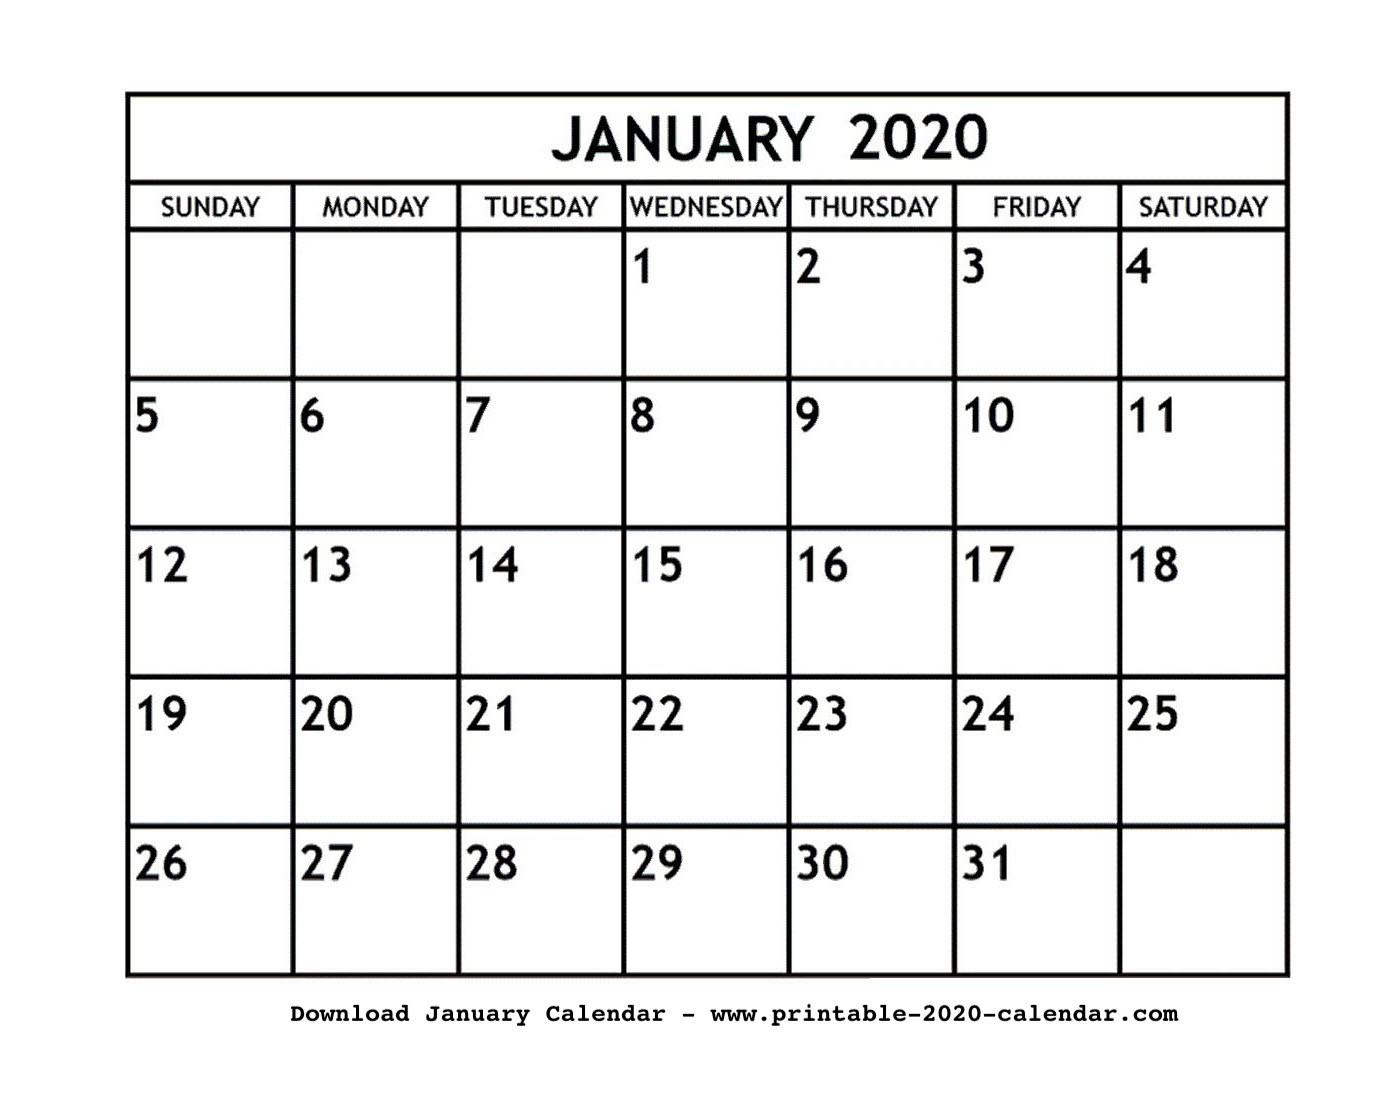 January 2020 Printable Calendar Blank Editable Printable